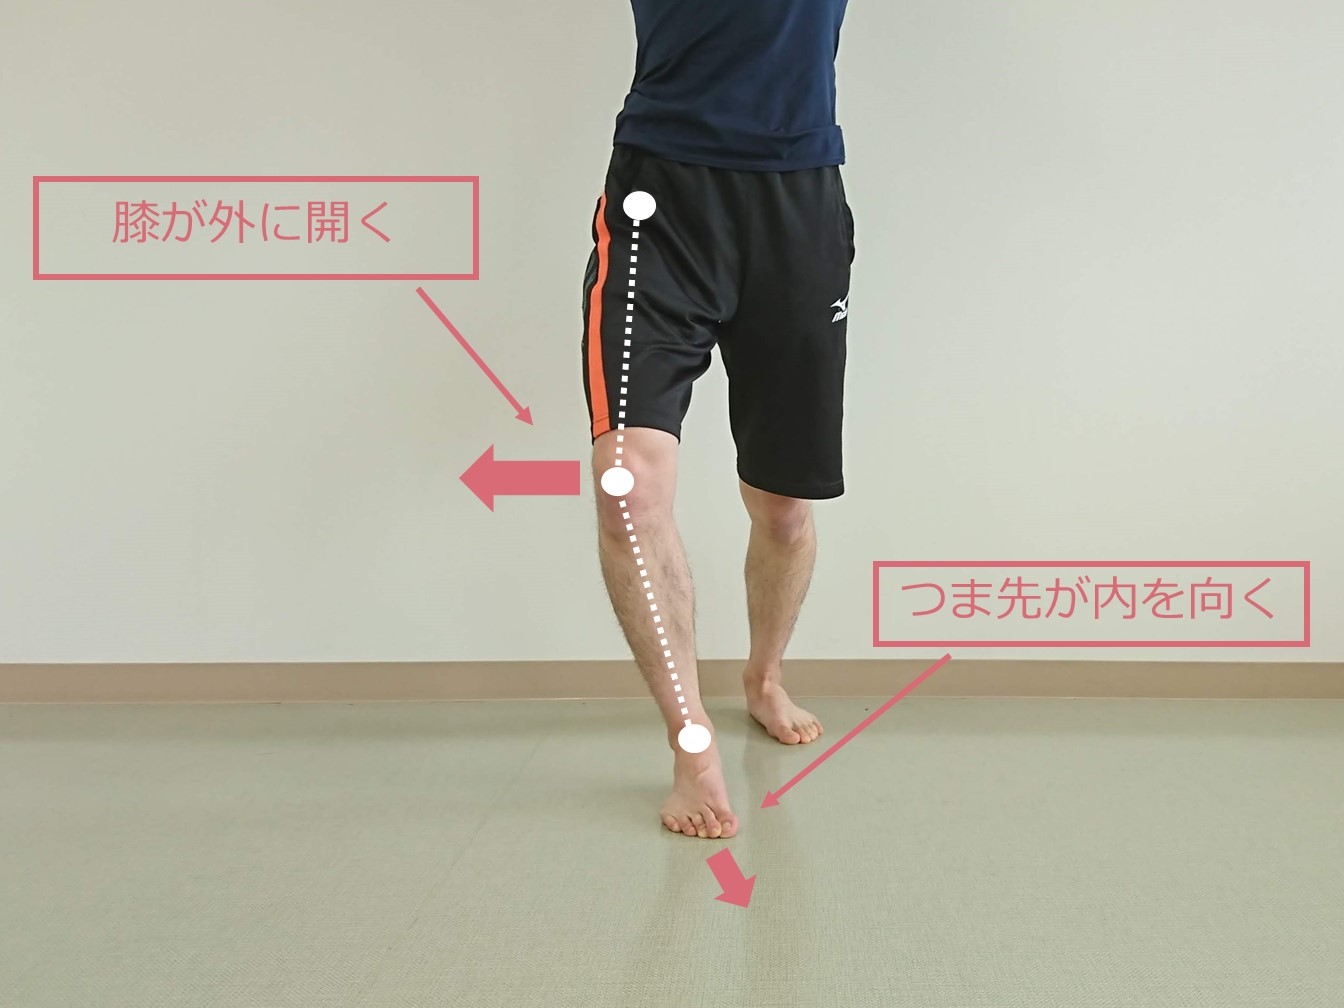 ニーアウト・トゥイン|Knee-out&Toe-in